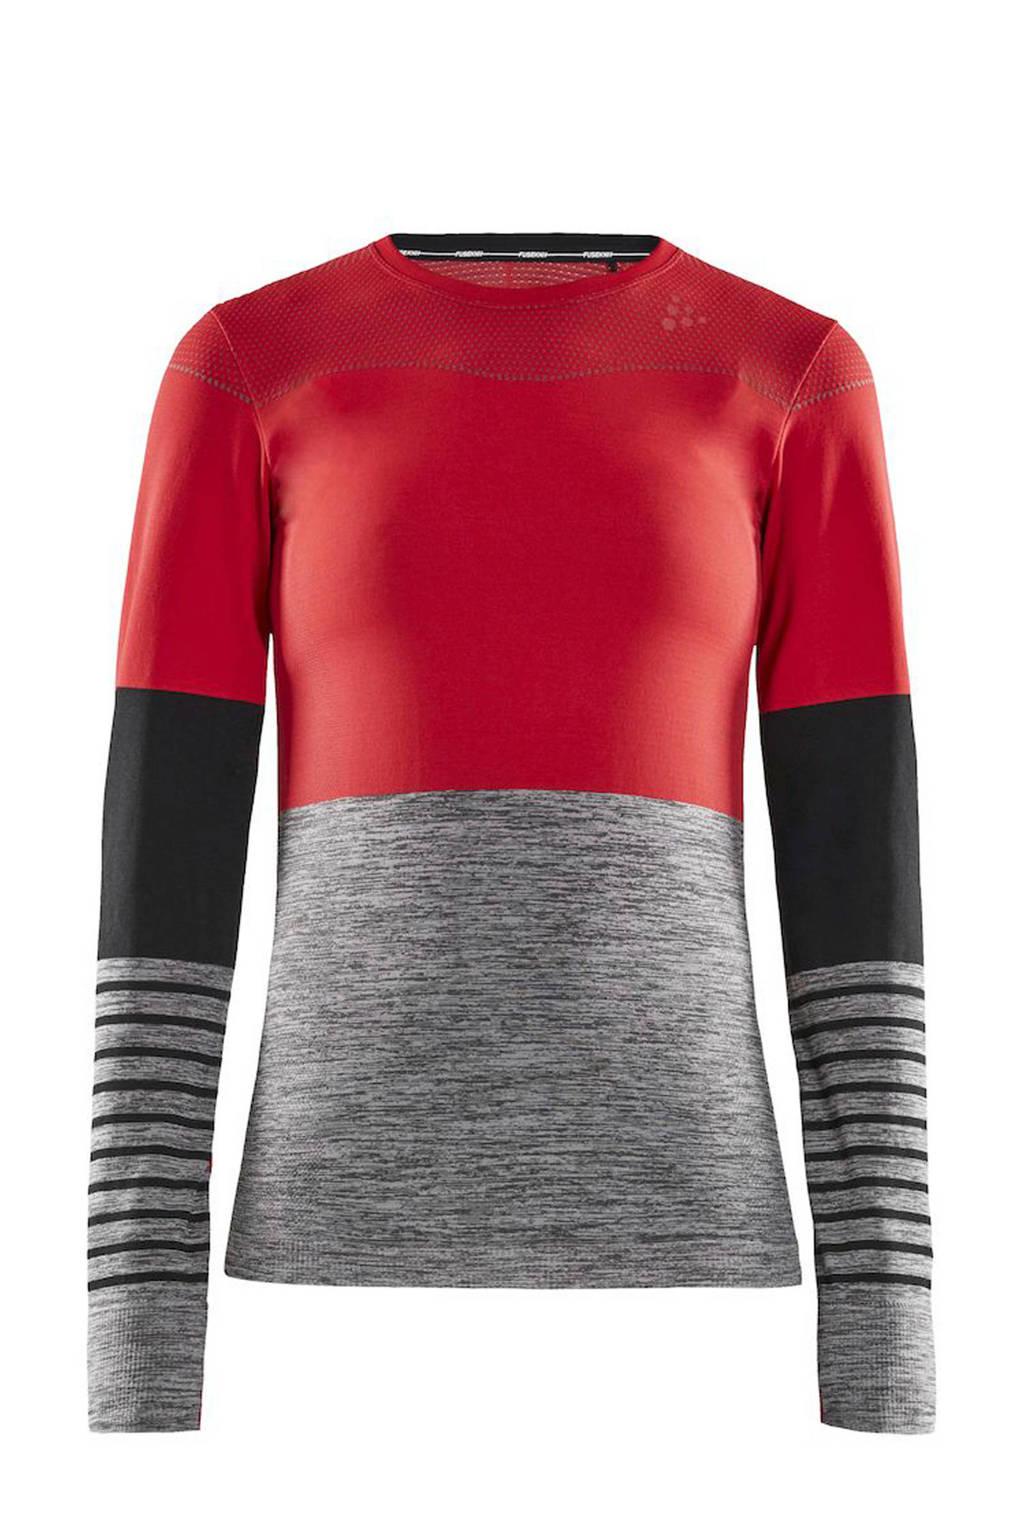 Craft sportshirt rood/zwart/grijs, Rood/zwart/grijs